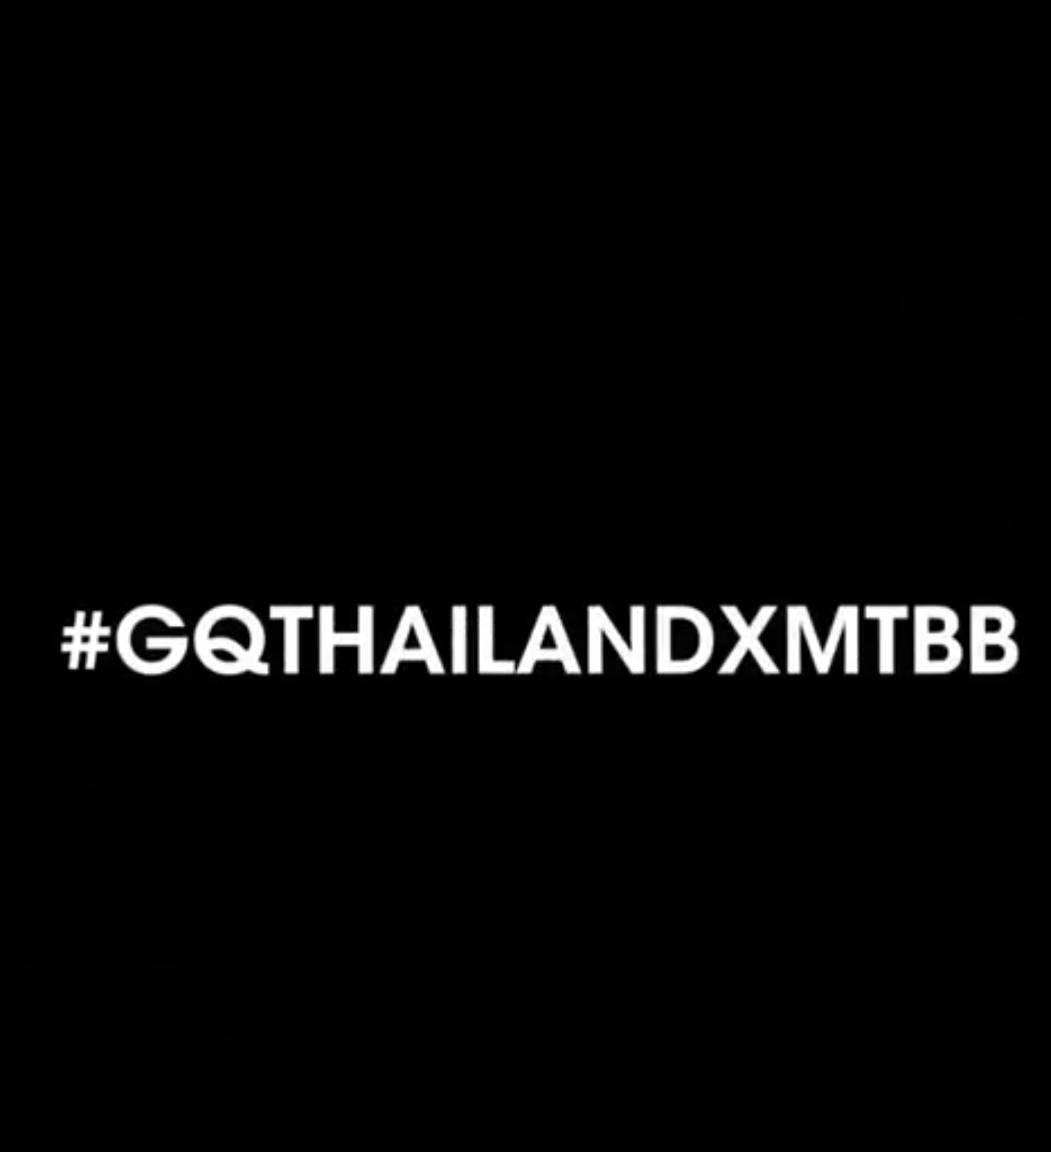 ¢ᄌᄀ¢ᄌᄉ¢ᄌツ¢ᄌᄊ¢ᄍノ¢ᄌル¢ᄌロ¢ᄌチ¢ᄌᄀ¢ᄌᄆ¢ᄍノ¢ᄌᄁ¢ᄌヨ¢ᄍノ¢ᄌᄇ¢ᄌᄀ¢ᄌᄉ¢ᄌ゙¢ᄌᄉ¢ᄍネ¢ᄌネ¢ᄌᄚ¢ᄌヒ¢ᄌᄋ¢ᄍノ¢ᄌᆳ¢ᄍチ¢ᄌネ¢ᄌチ 10 ¢ᄍタ¢ᄌᆬ¢ᄍネ¢ᄌᄀ #GQThailandxMTBB https://t.co/Ht1inPmDry